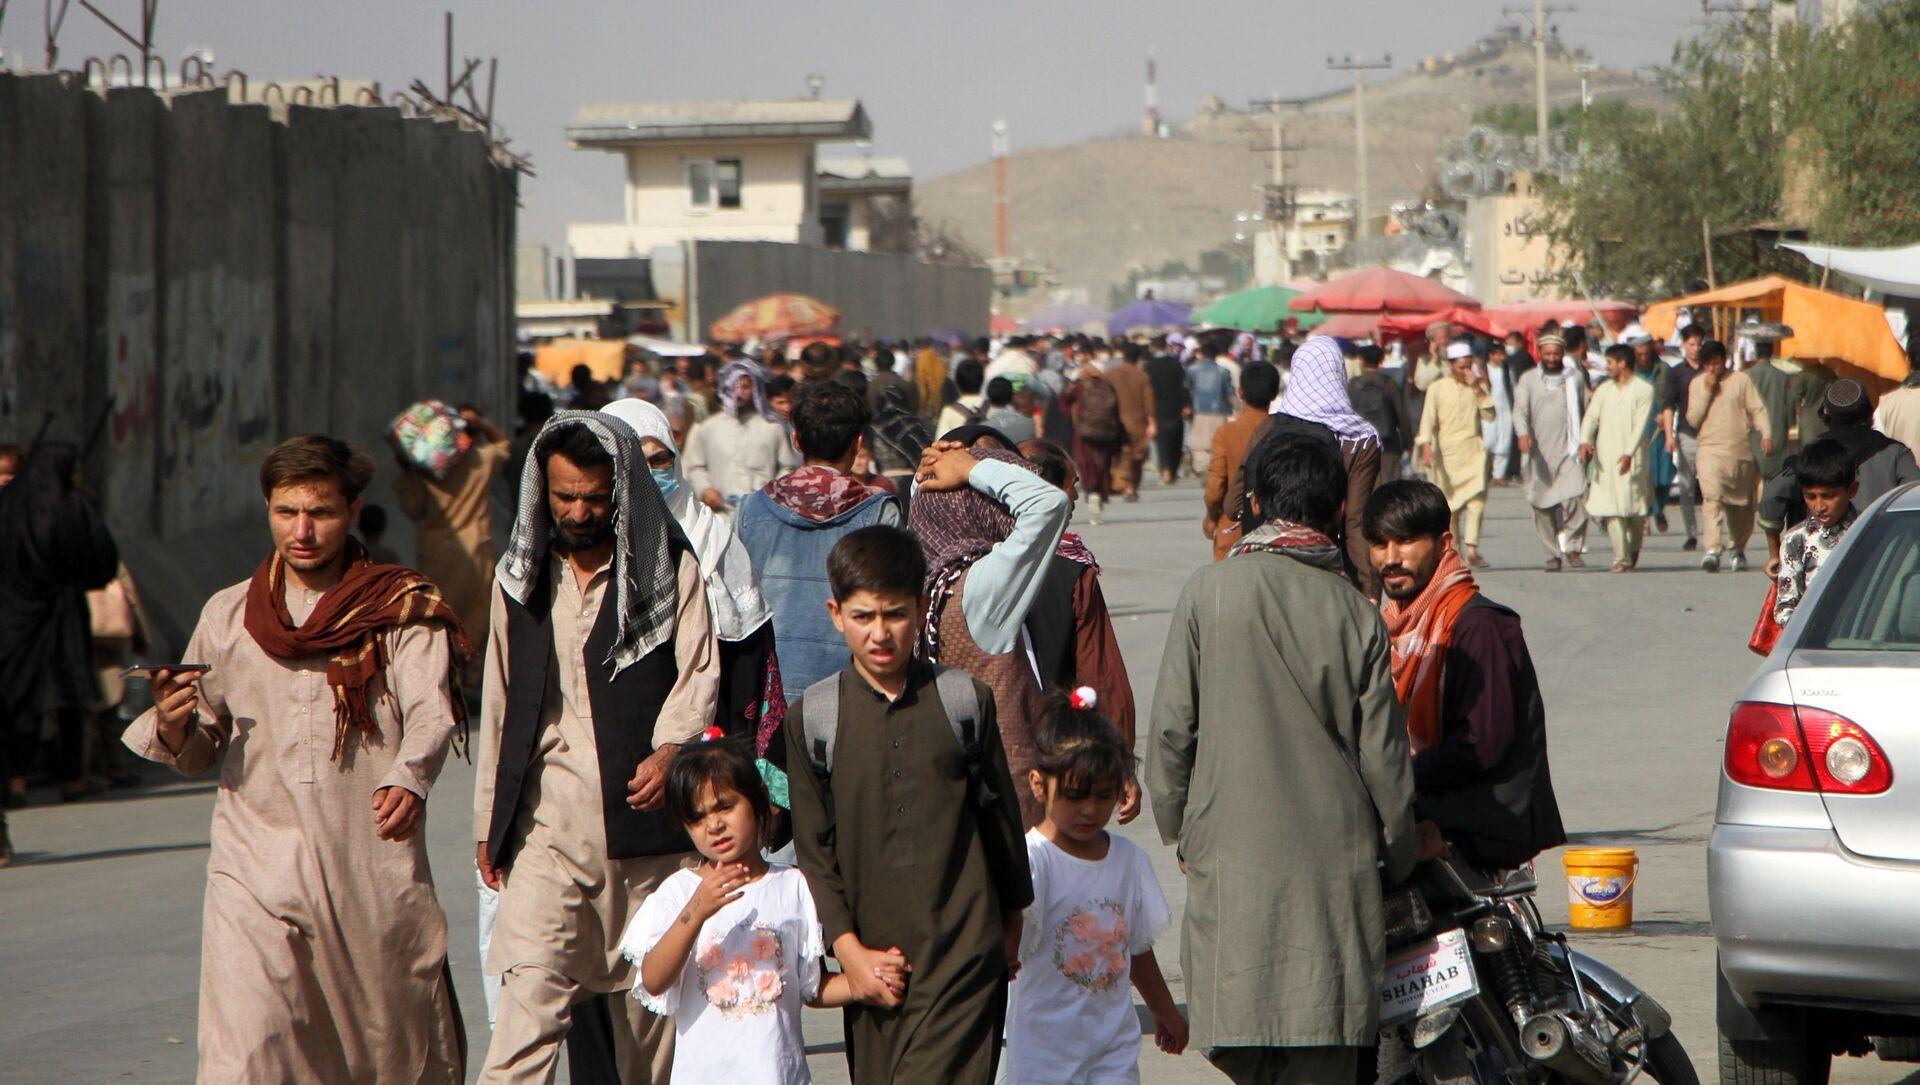 Des Afghans près de l'aéroport de Kaboul - Sputnik France, 1920, 10.09.2021